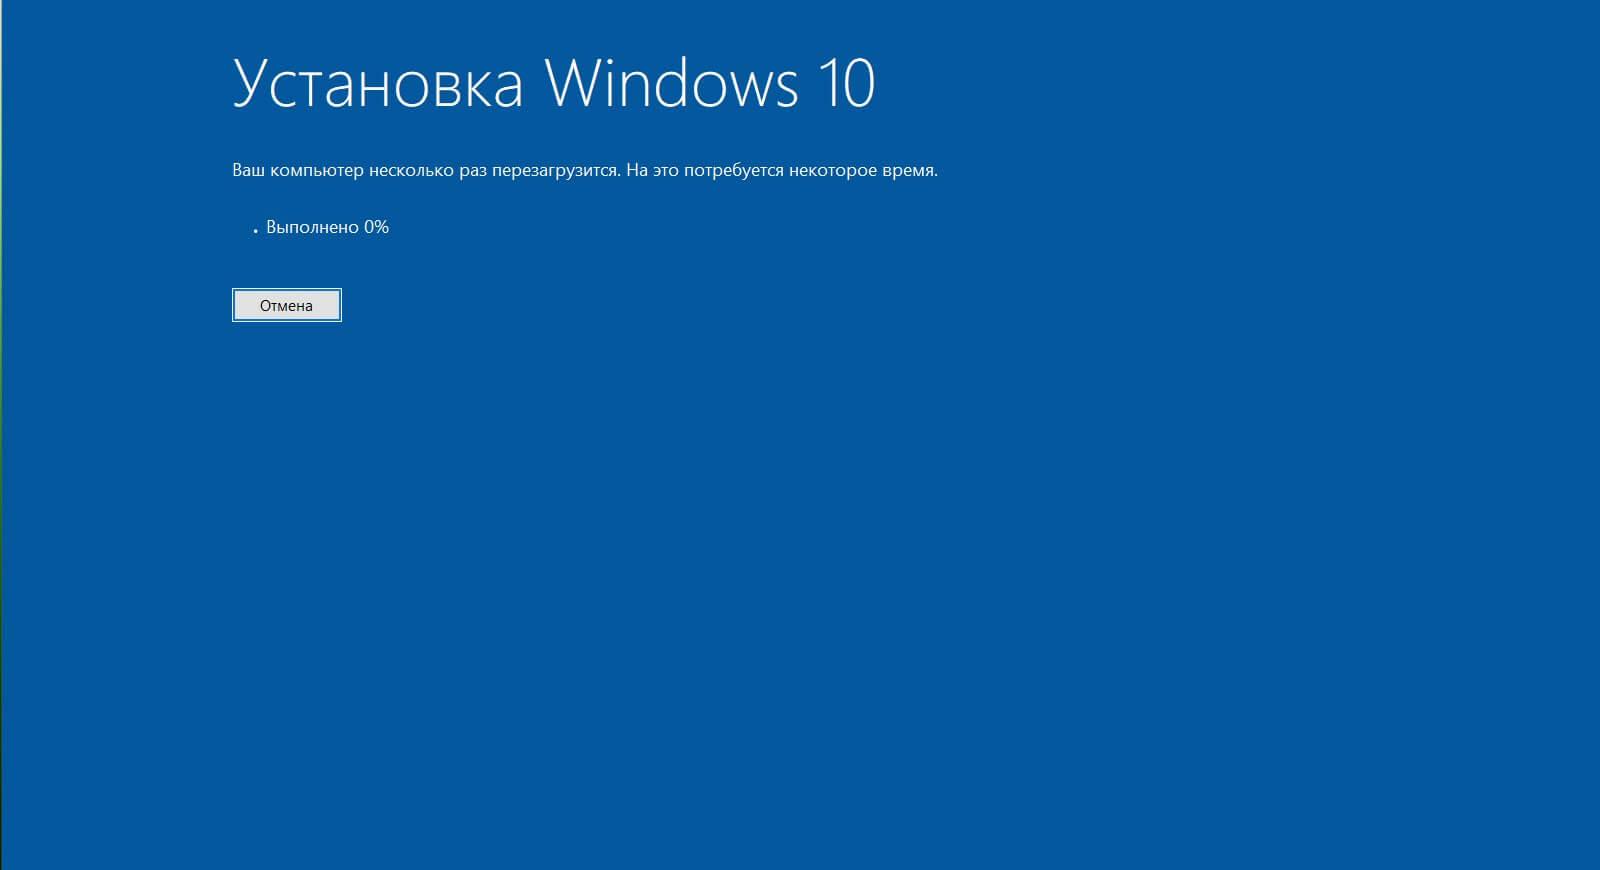 Во время Установки Windows 10 ваш компьютер может перезагрузится несколько раз. будьте терпеливы.